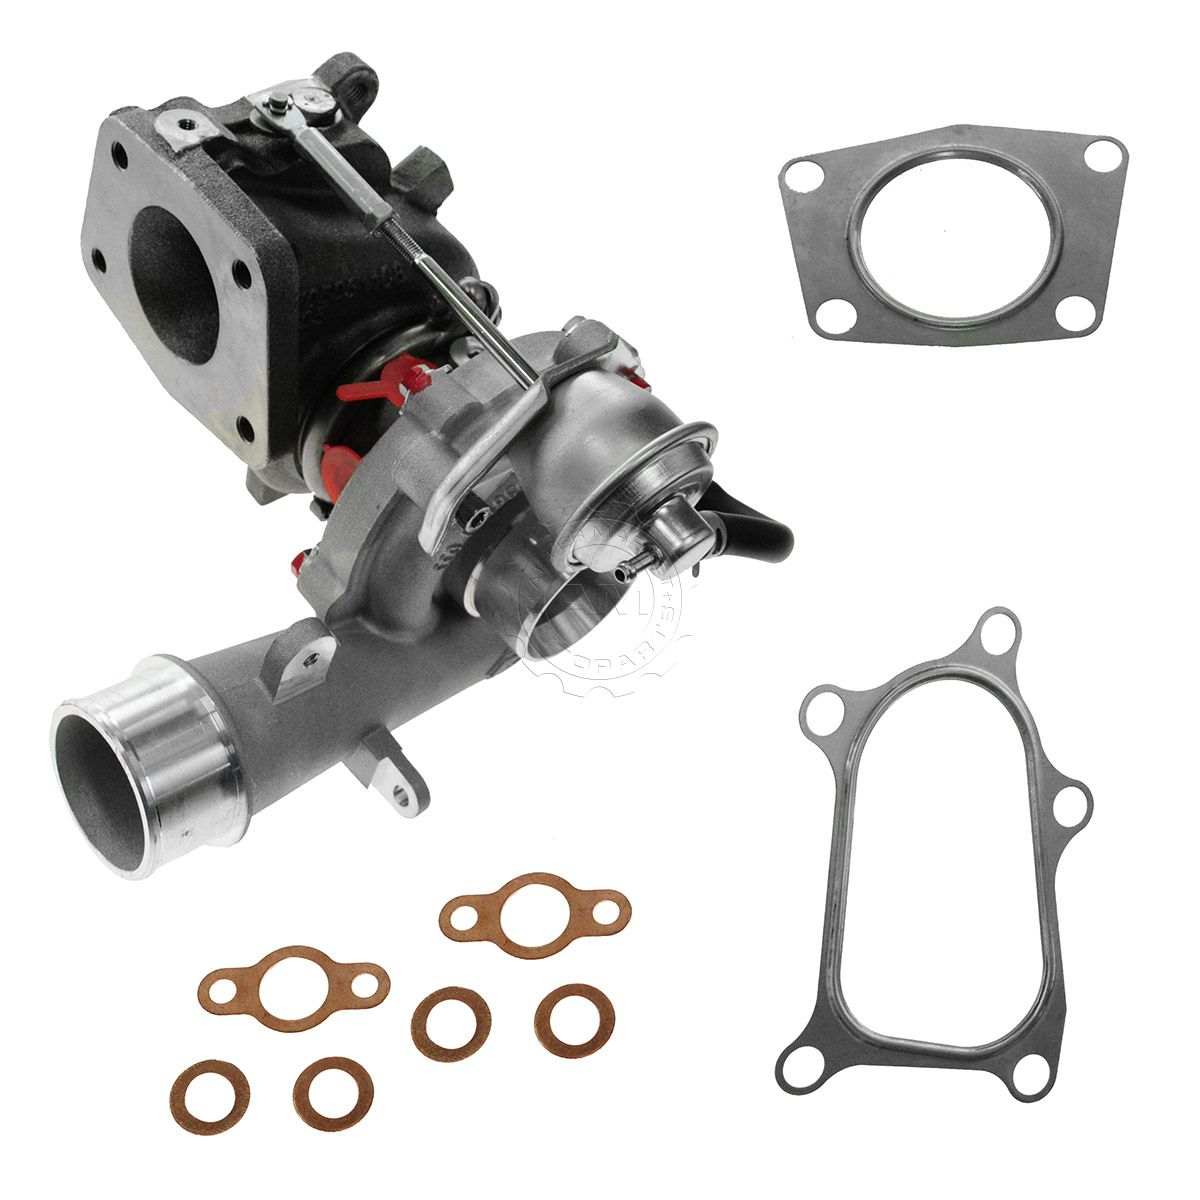 Mazda Cx 7 2010 2012 Oil Cooler: Dorman Turbocharger Turbo Charger & Gasket Set Kit For 07